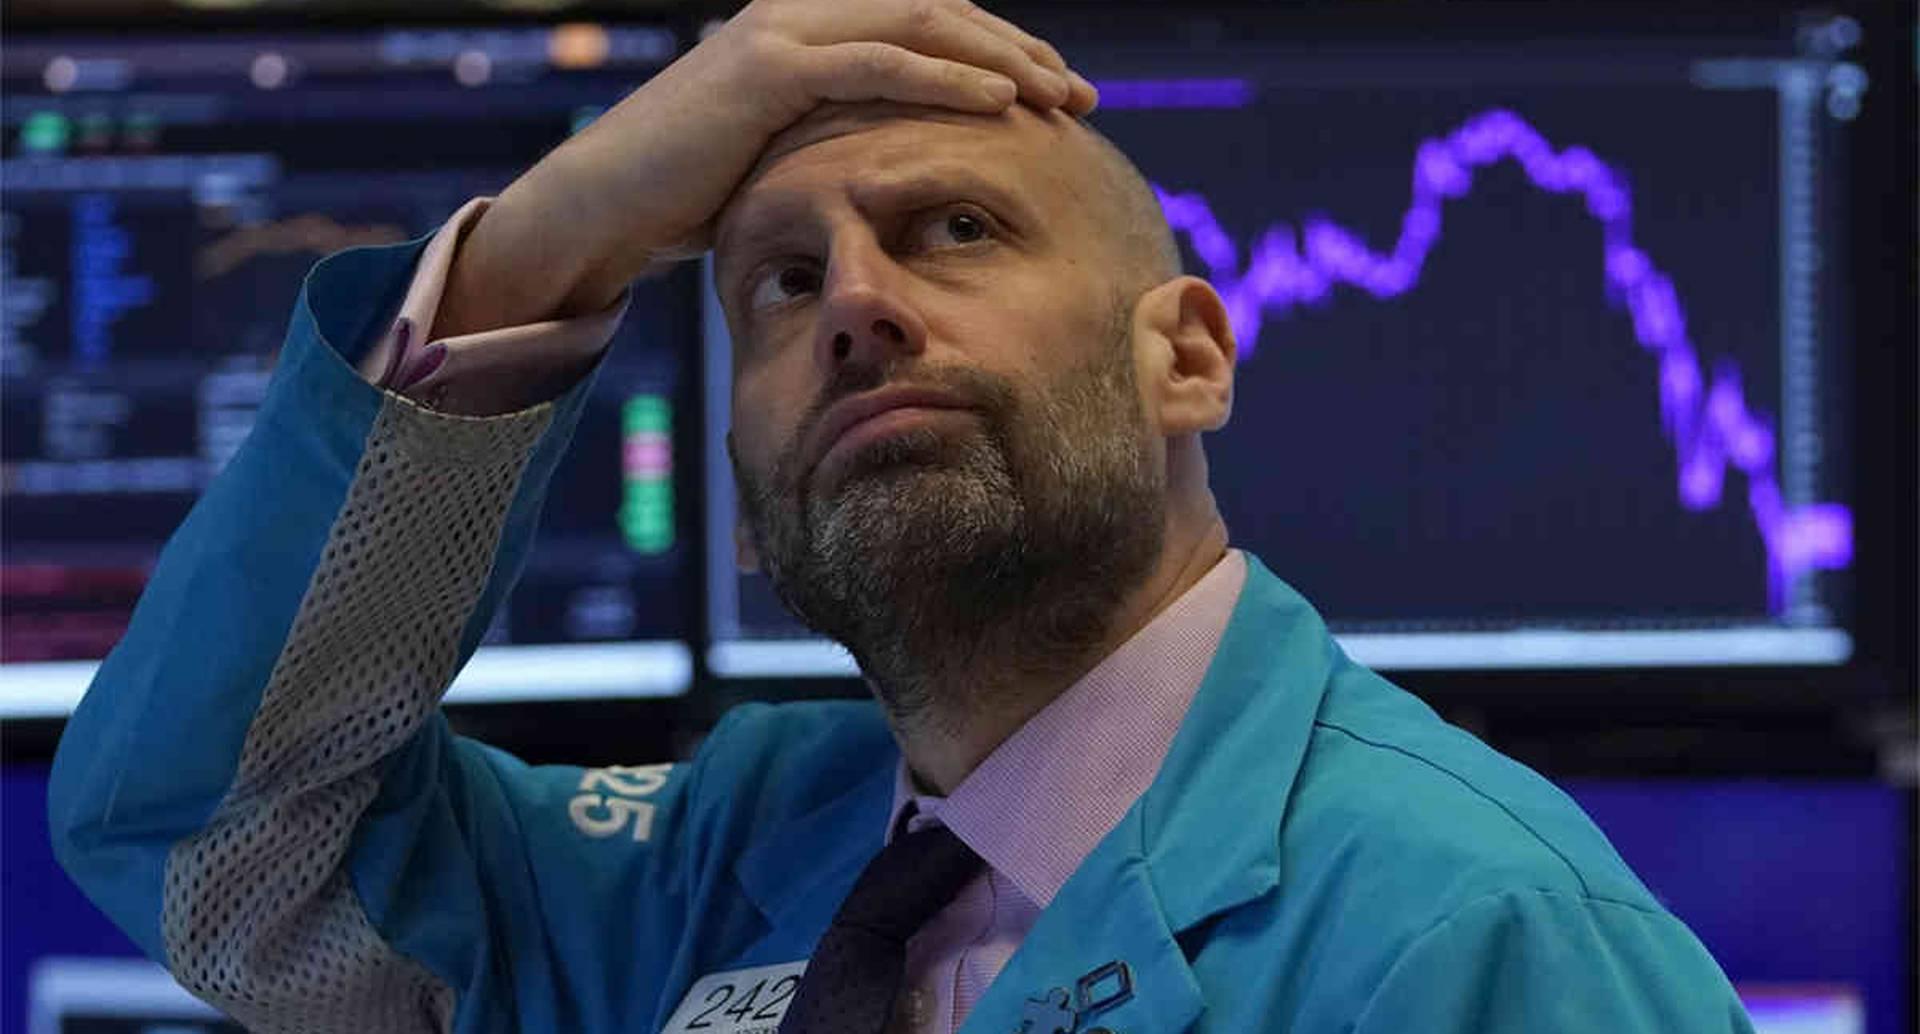 El comercio en Wall Street se detuvo temporalmente a principios del 9 de marzo de 2020, cuando las acciones estadounidenses se unieron a una derrota global por la caída de los precios del petróleo y la creciente preocupación por el coronavirus. Meric Greenbaum, administrador de mercado,  luce preocupado. Foto: Timothy A. Clary/ AFP.